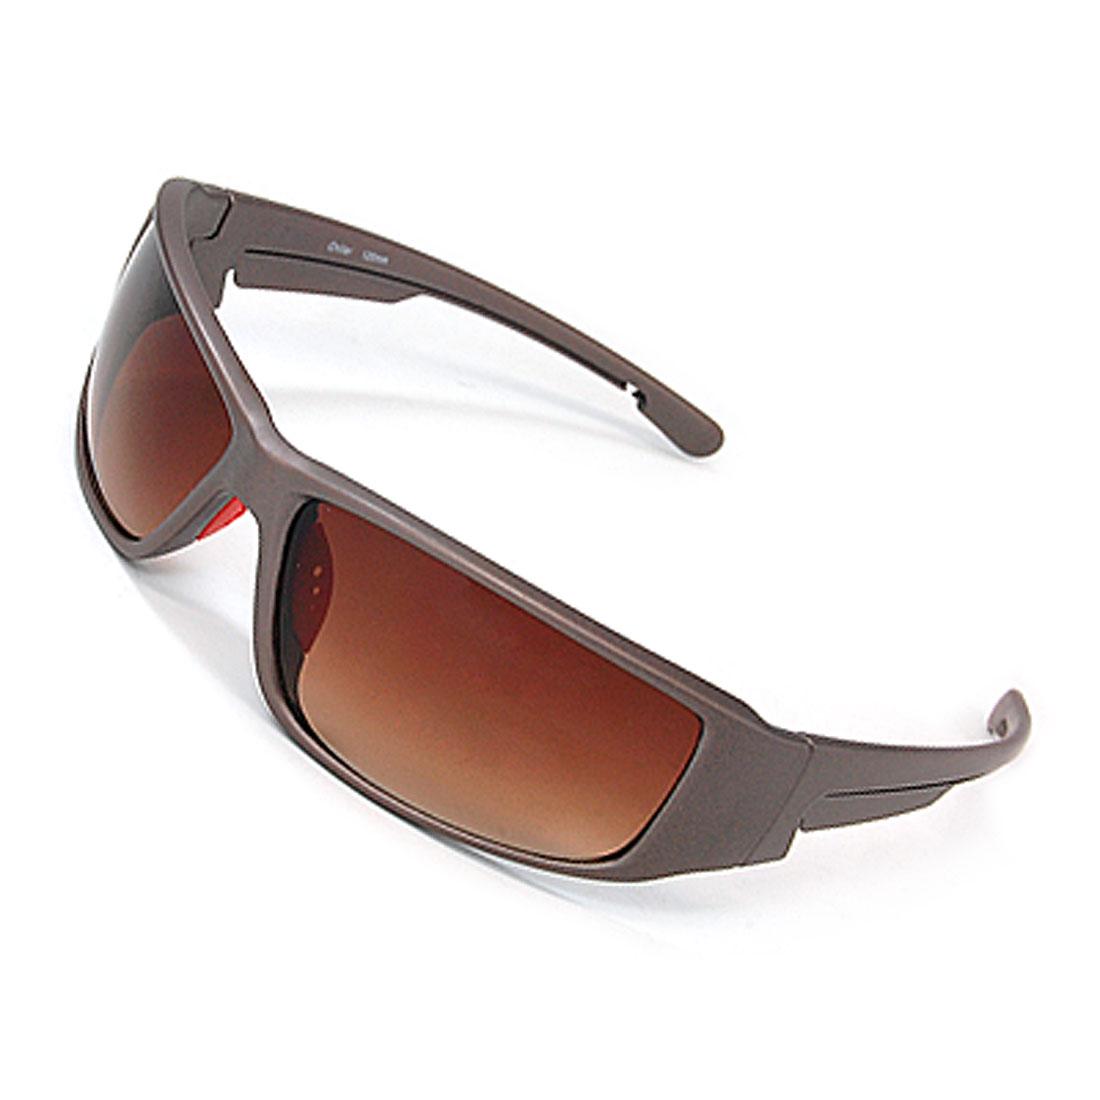 Big Amber Lens Plastic Full-rim Frame Unisex Sunglasses